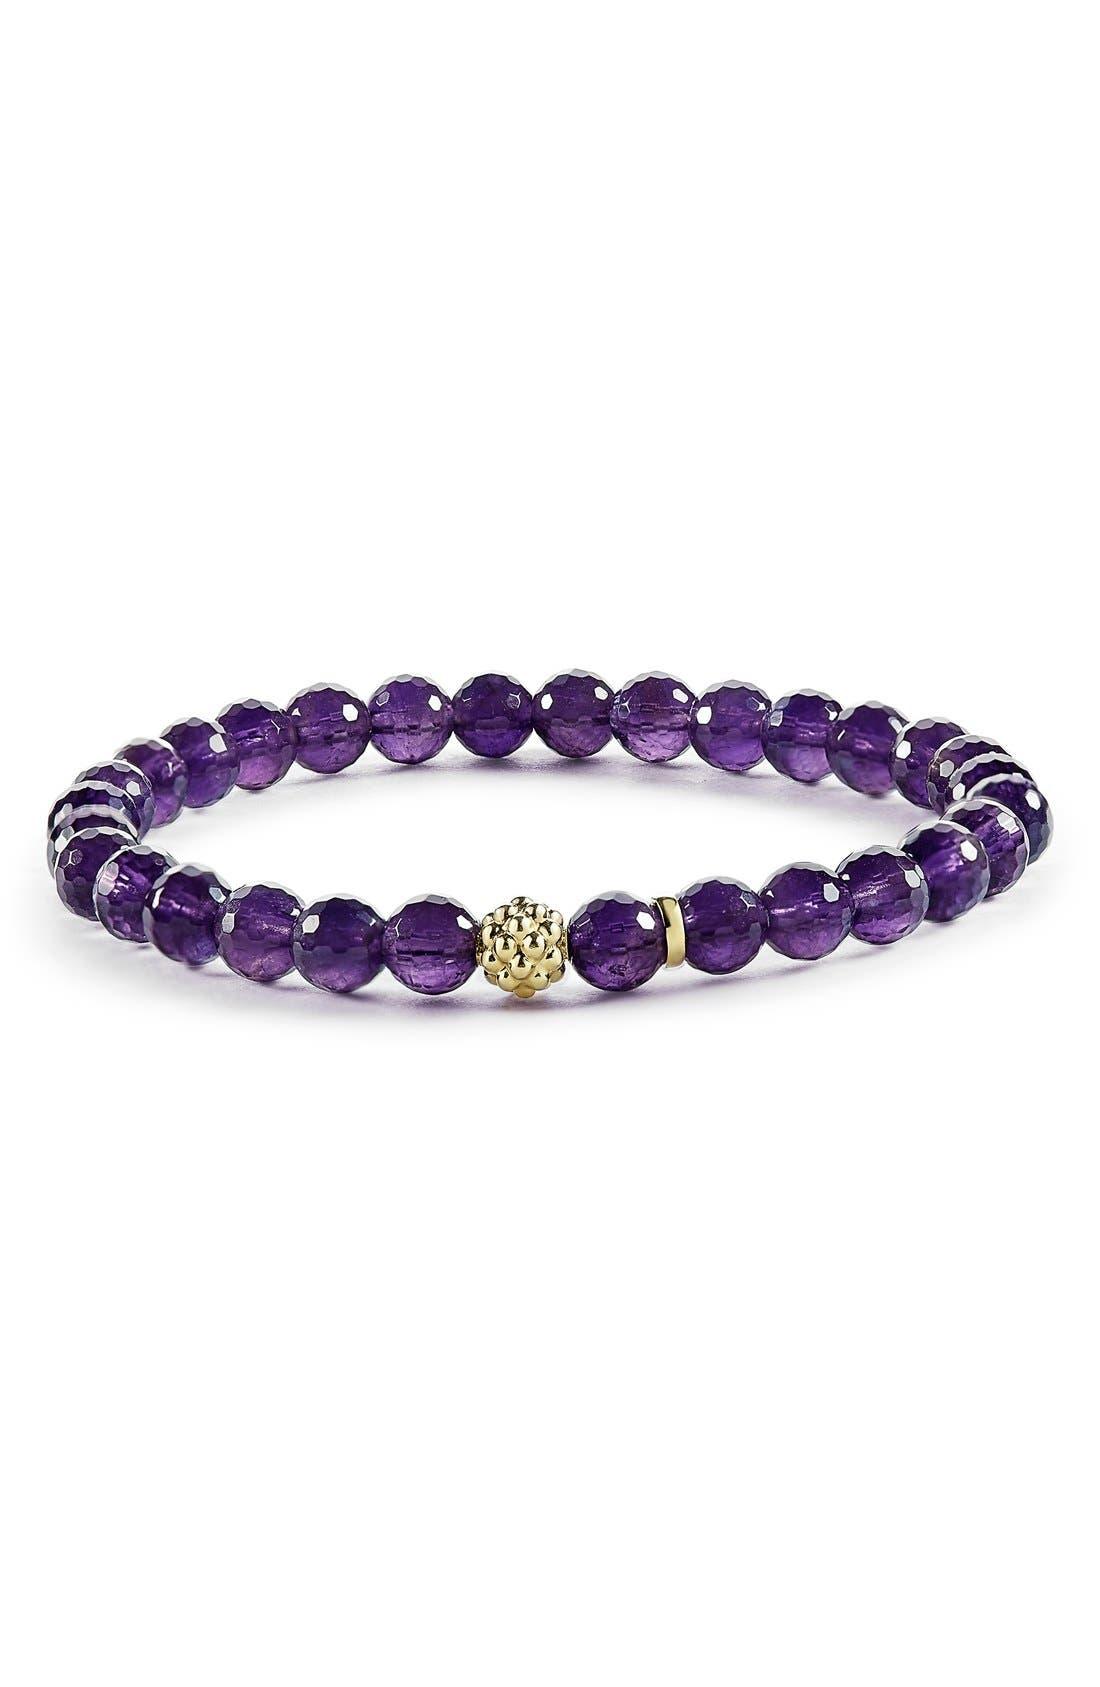 LAGOS 'Caviar Icon' Semiprecious Stone Bracelet